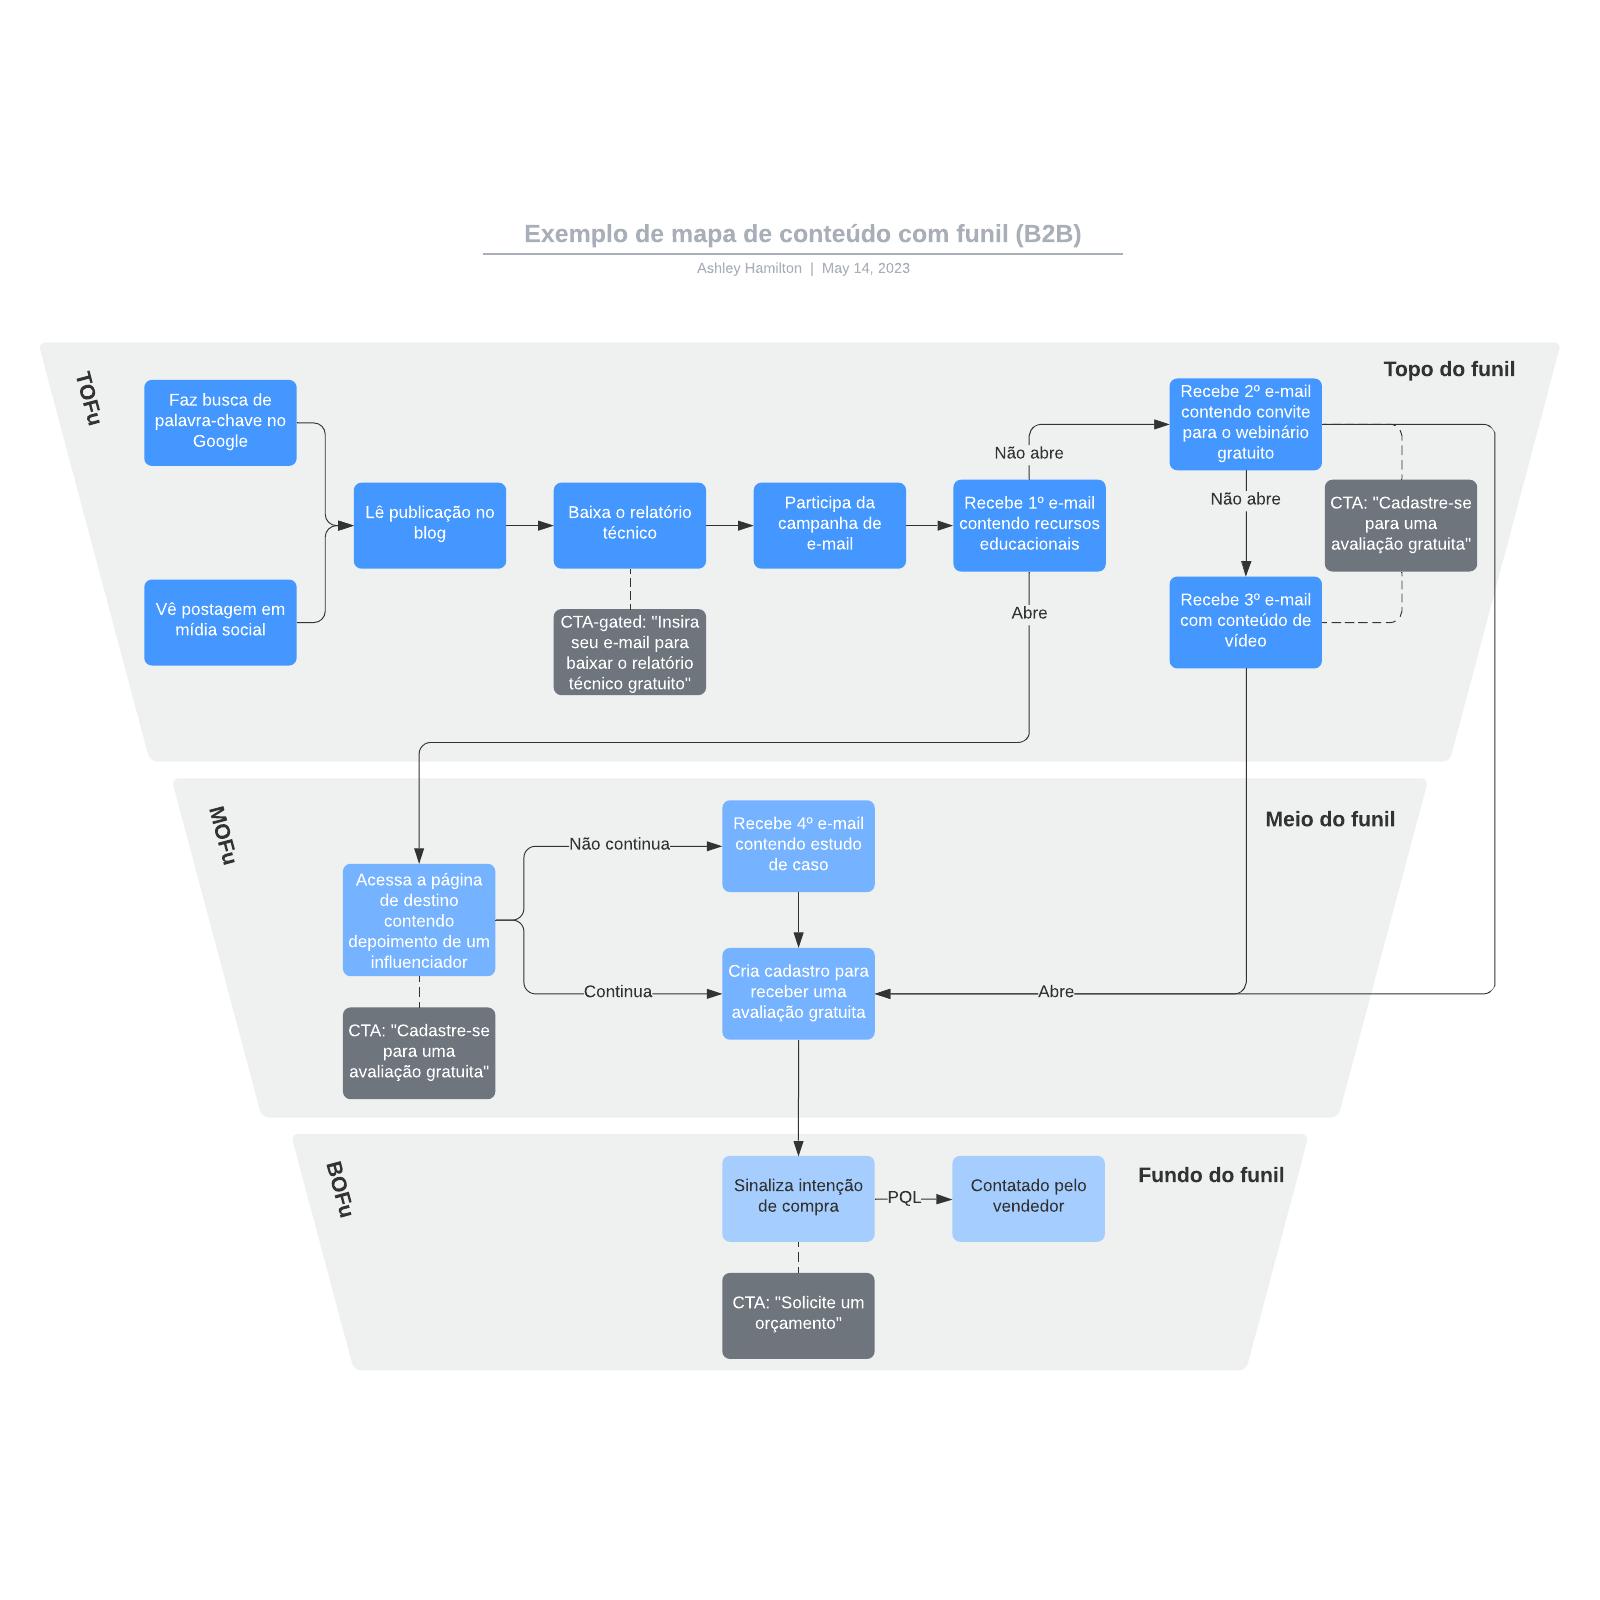 Exemplo de mapa de conteúdo com funil (B2B)